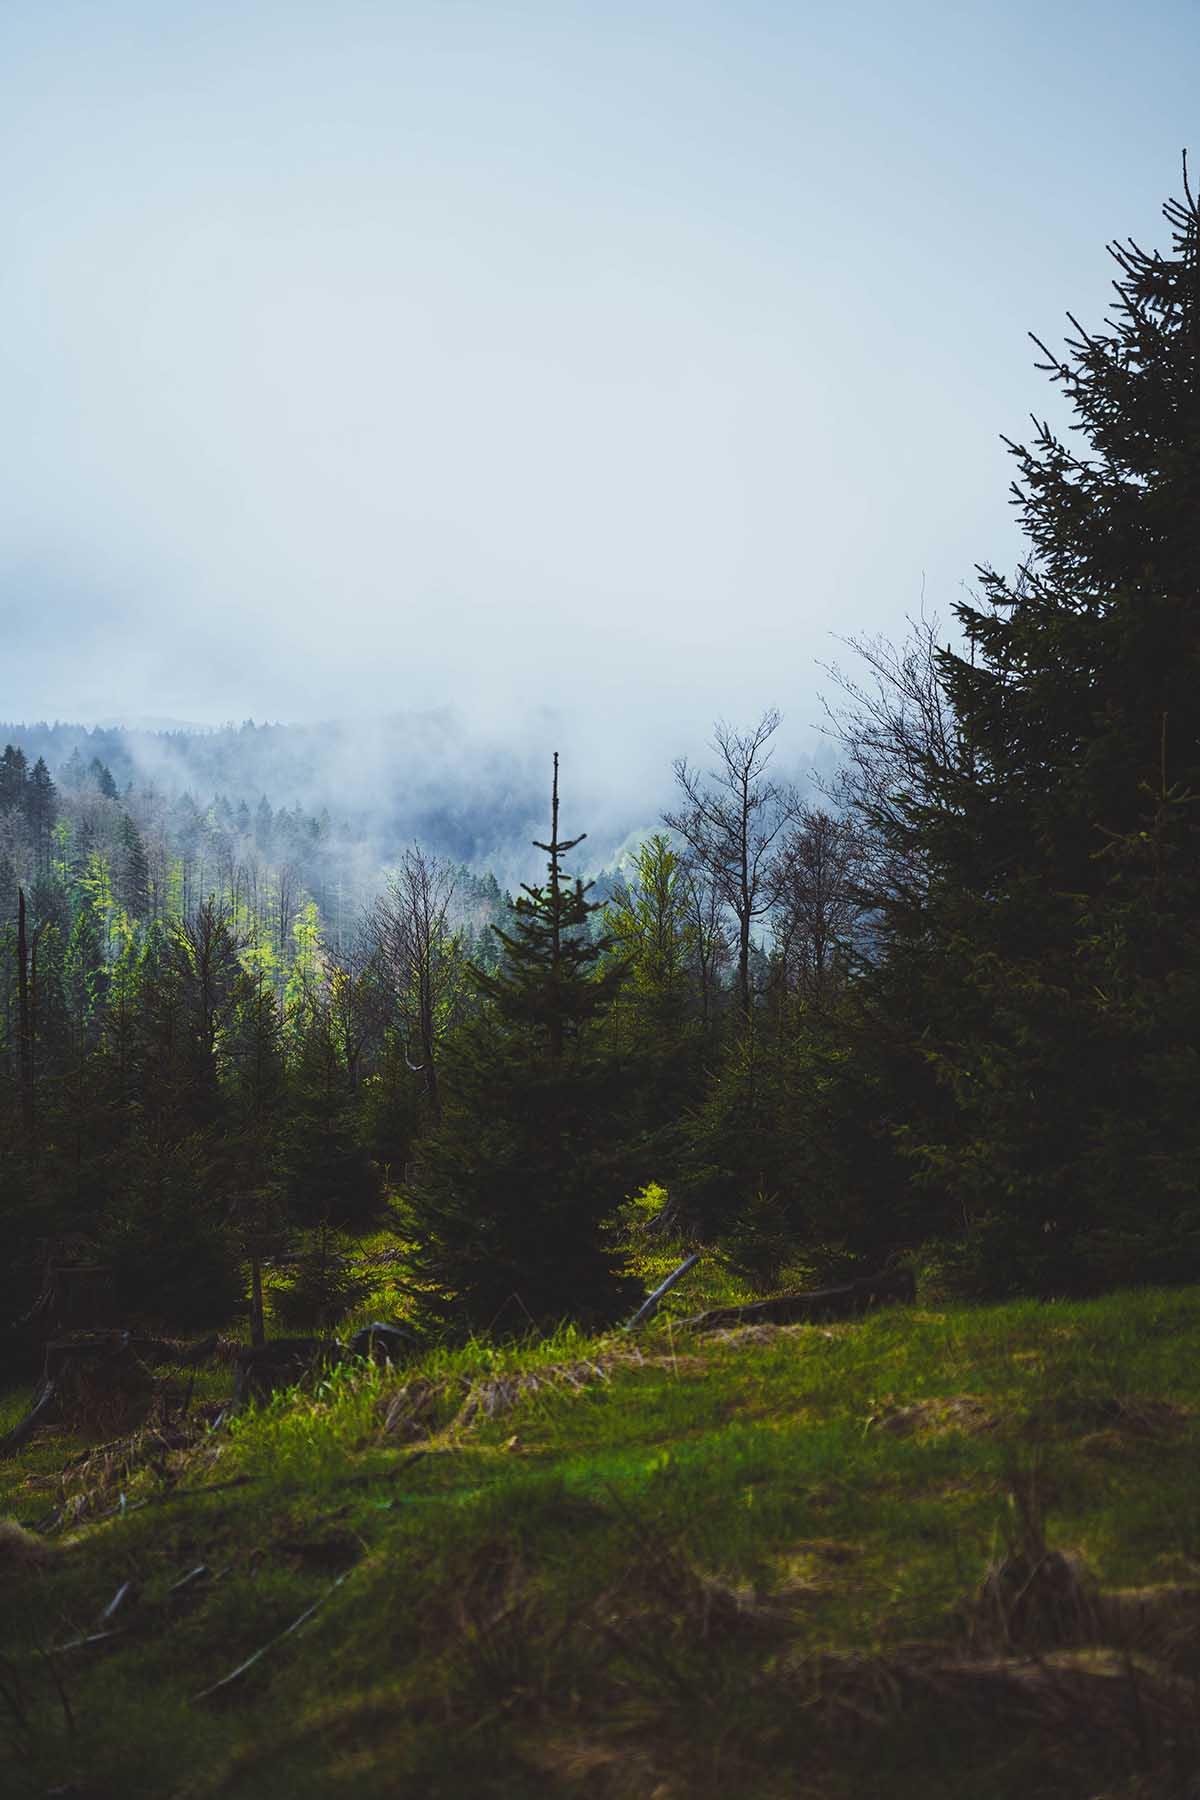 schachtenwanderung-ausblick-wald-nebel